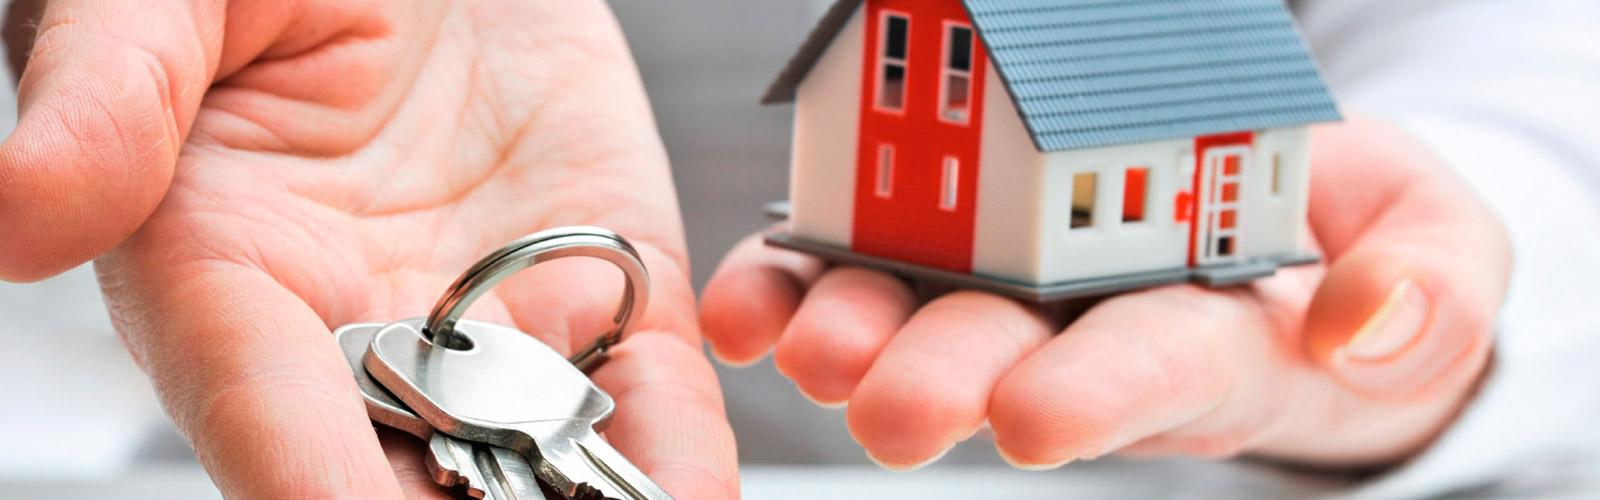 Servicio de Asesoría Legal en Compraventa de inmuebles - DerechoInmobiliario.pe